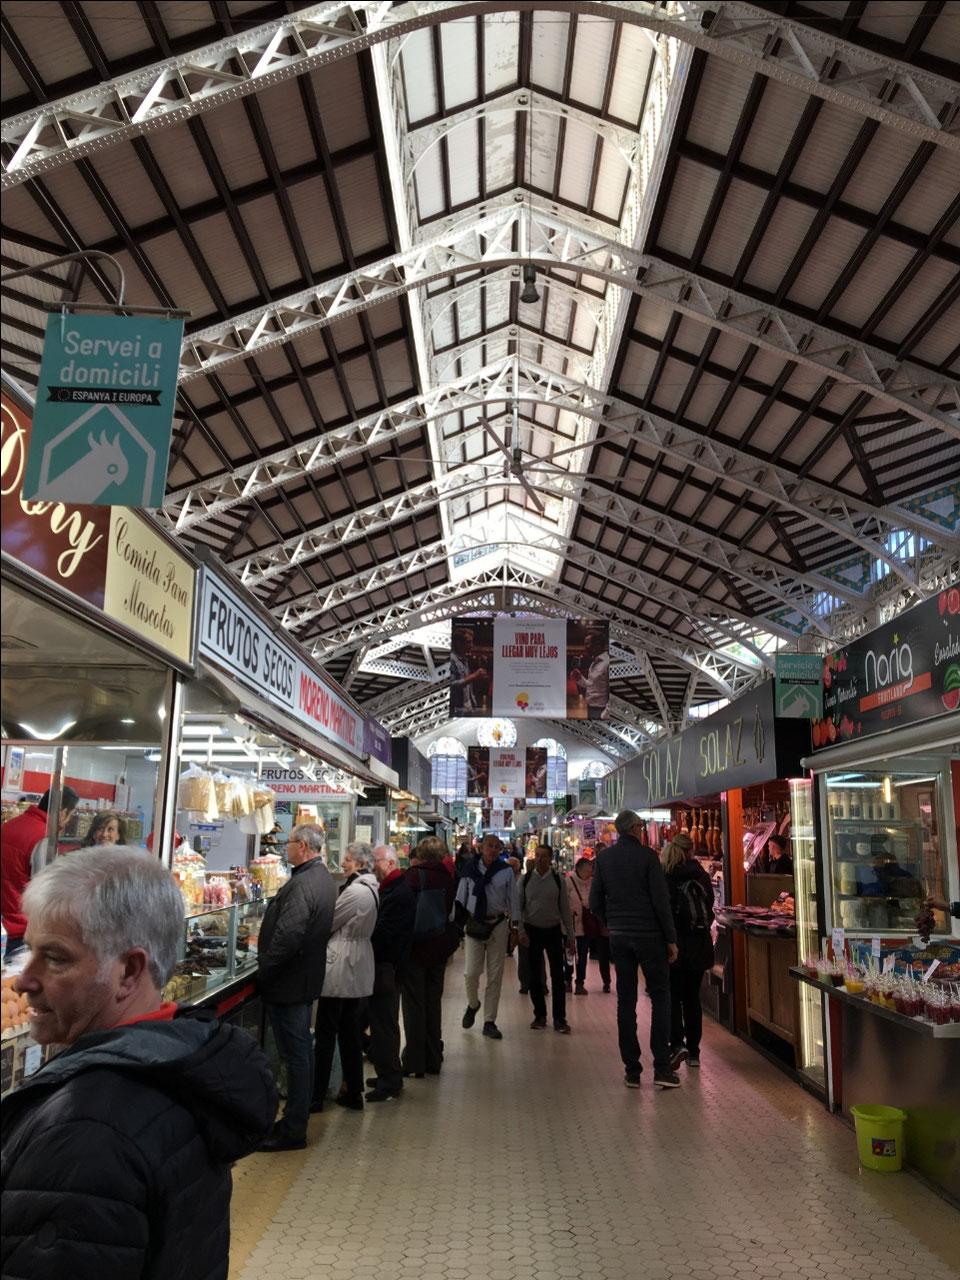 The Mercado Central